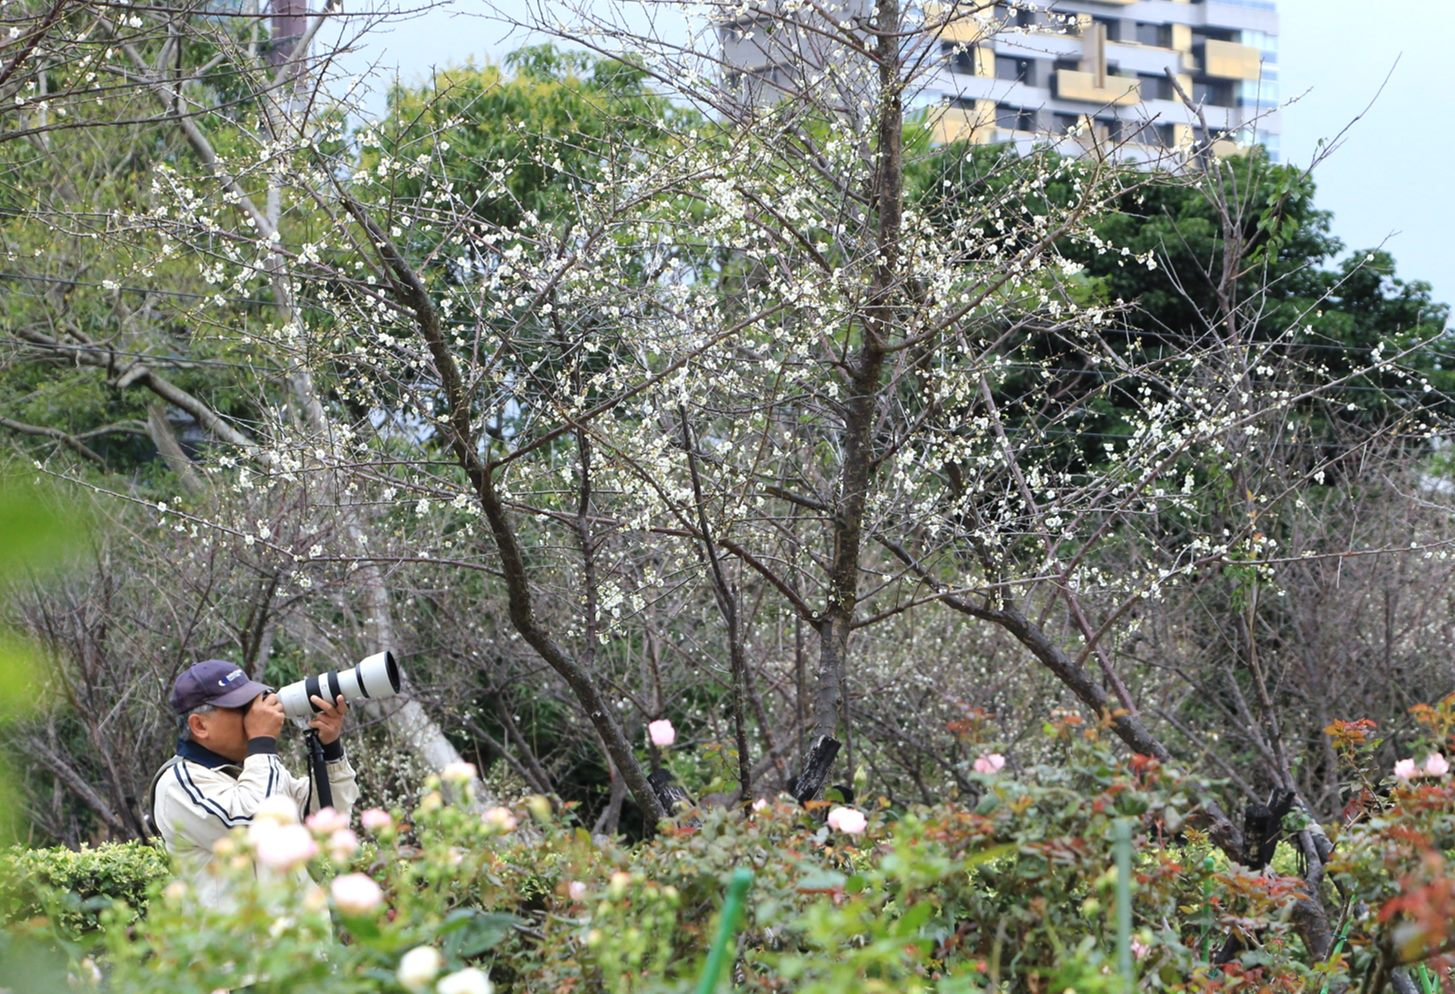 士林官邸玫瑰園內的梅花熱情盛開,駐足梅花小徑,讓人感到格外應景。圖/士林官邸旅客臉書粉絲專頁